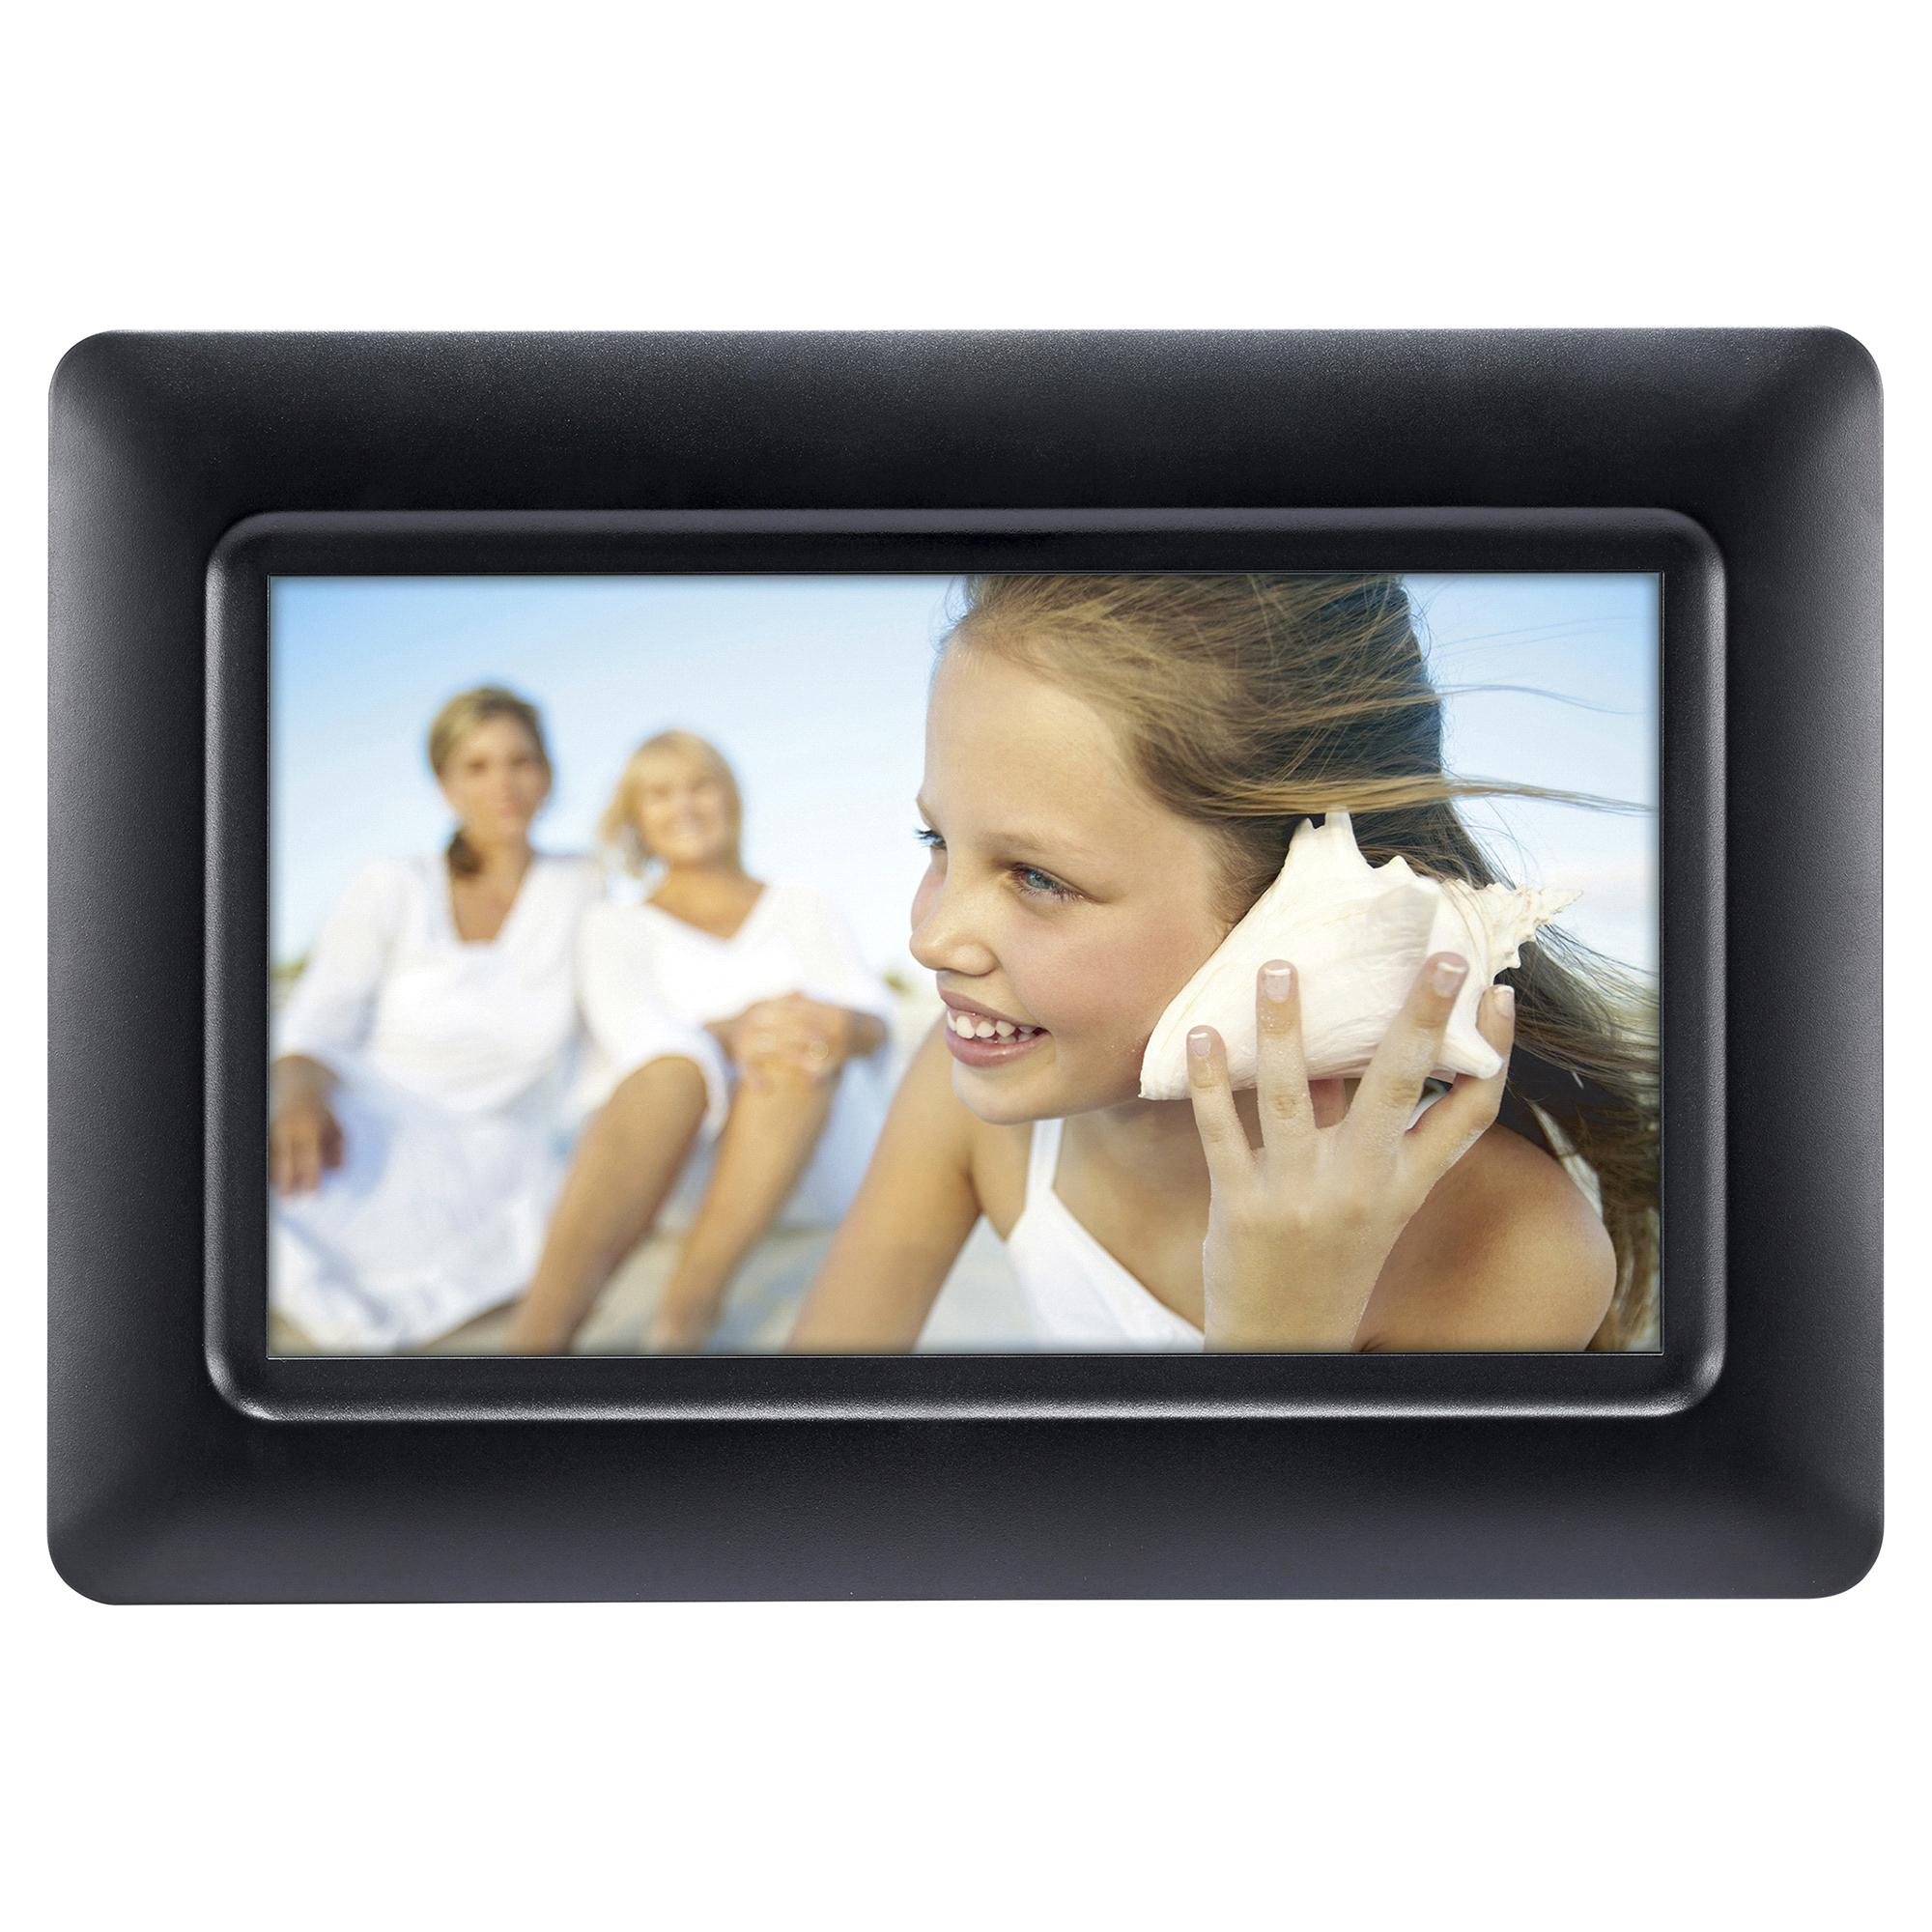 Polaroid 7 Inch Digital Photo Frame Meijercom